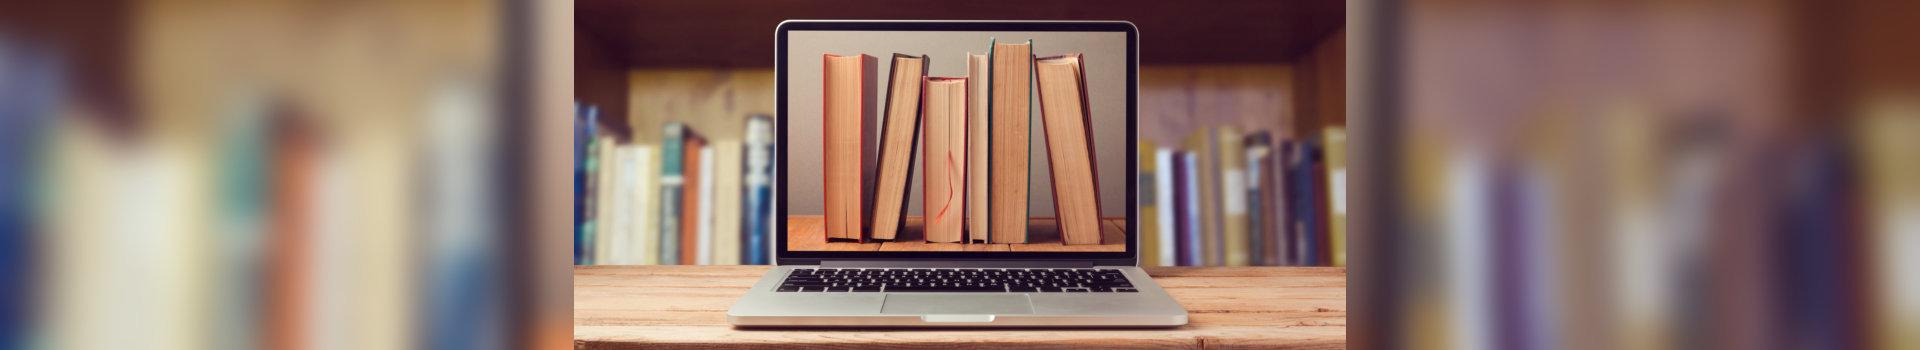 e-book, books in library